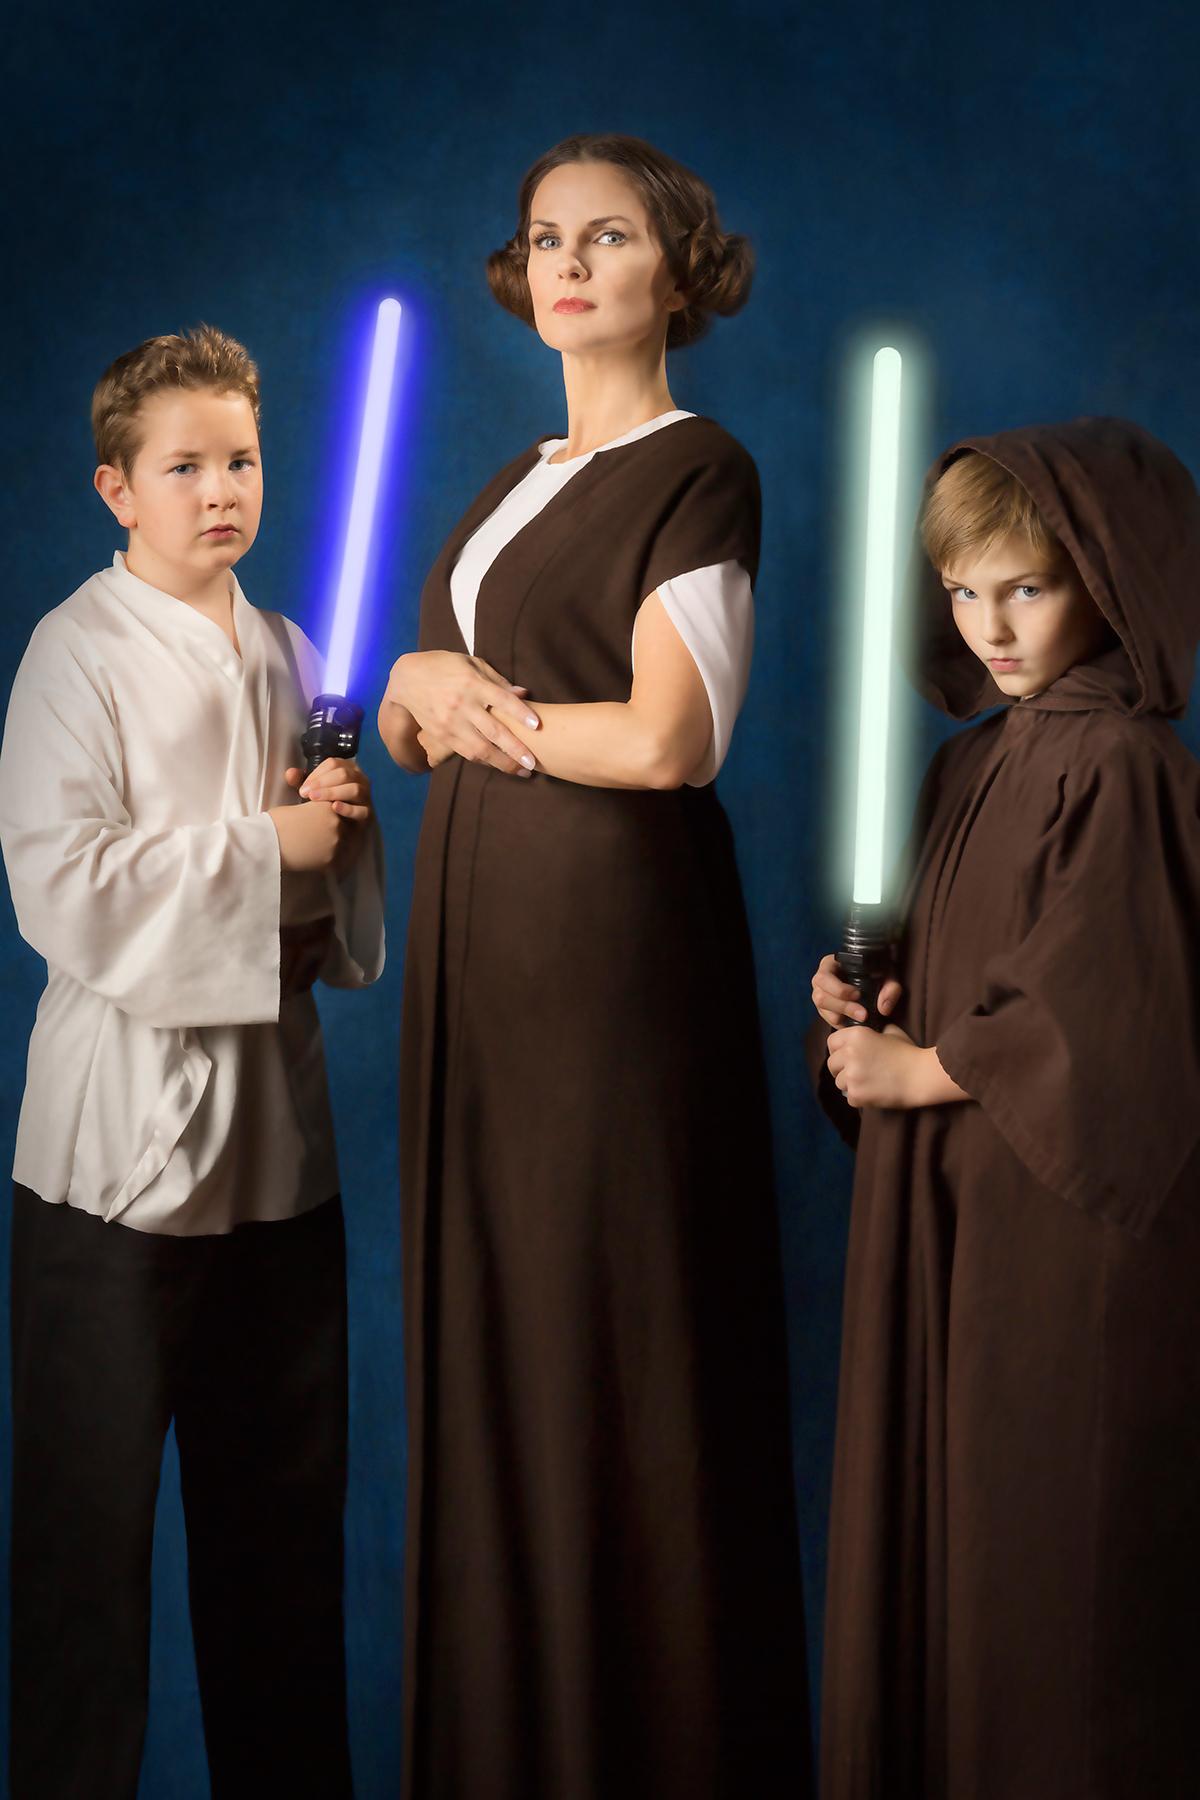 Star_Wars_episode_1_sRGB.jpg